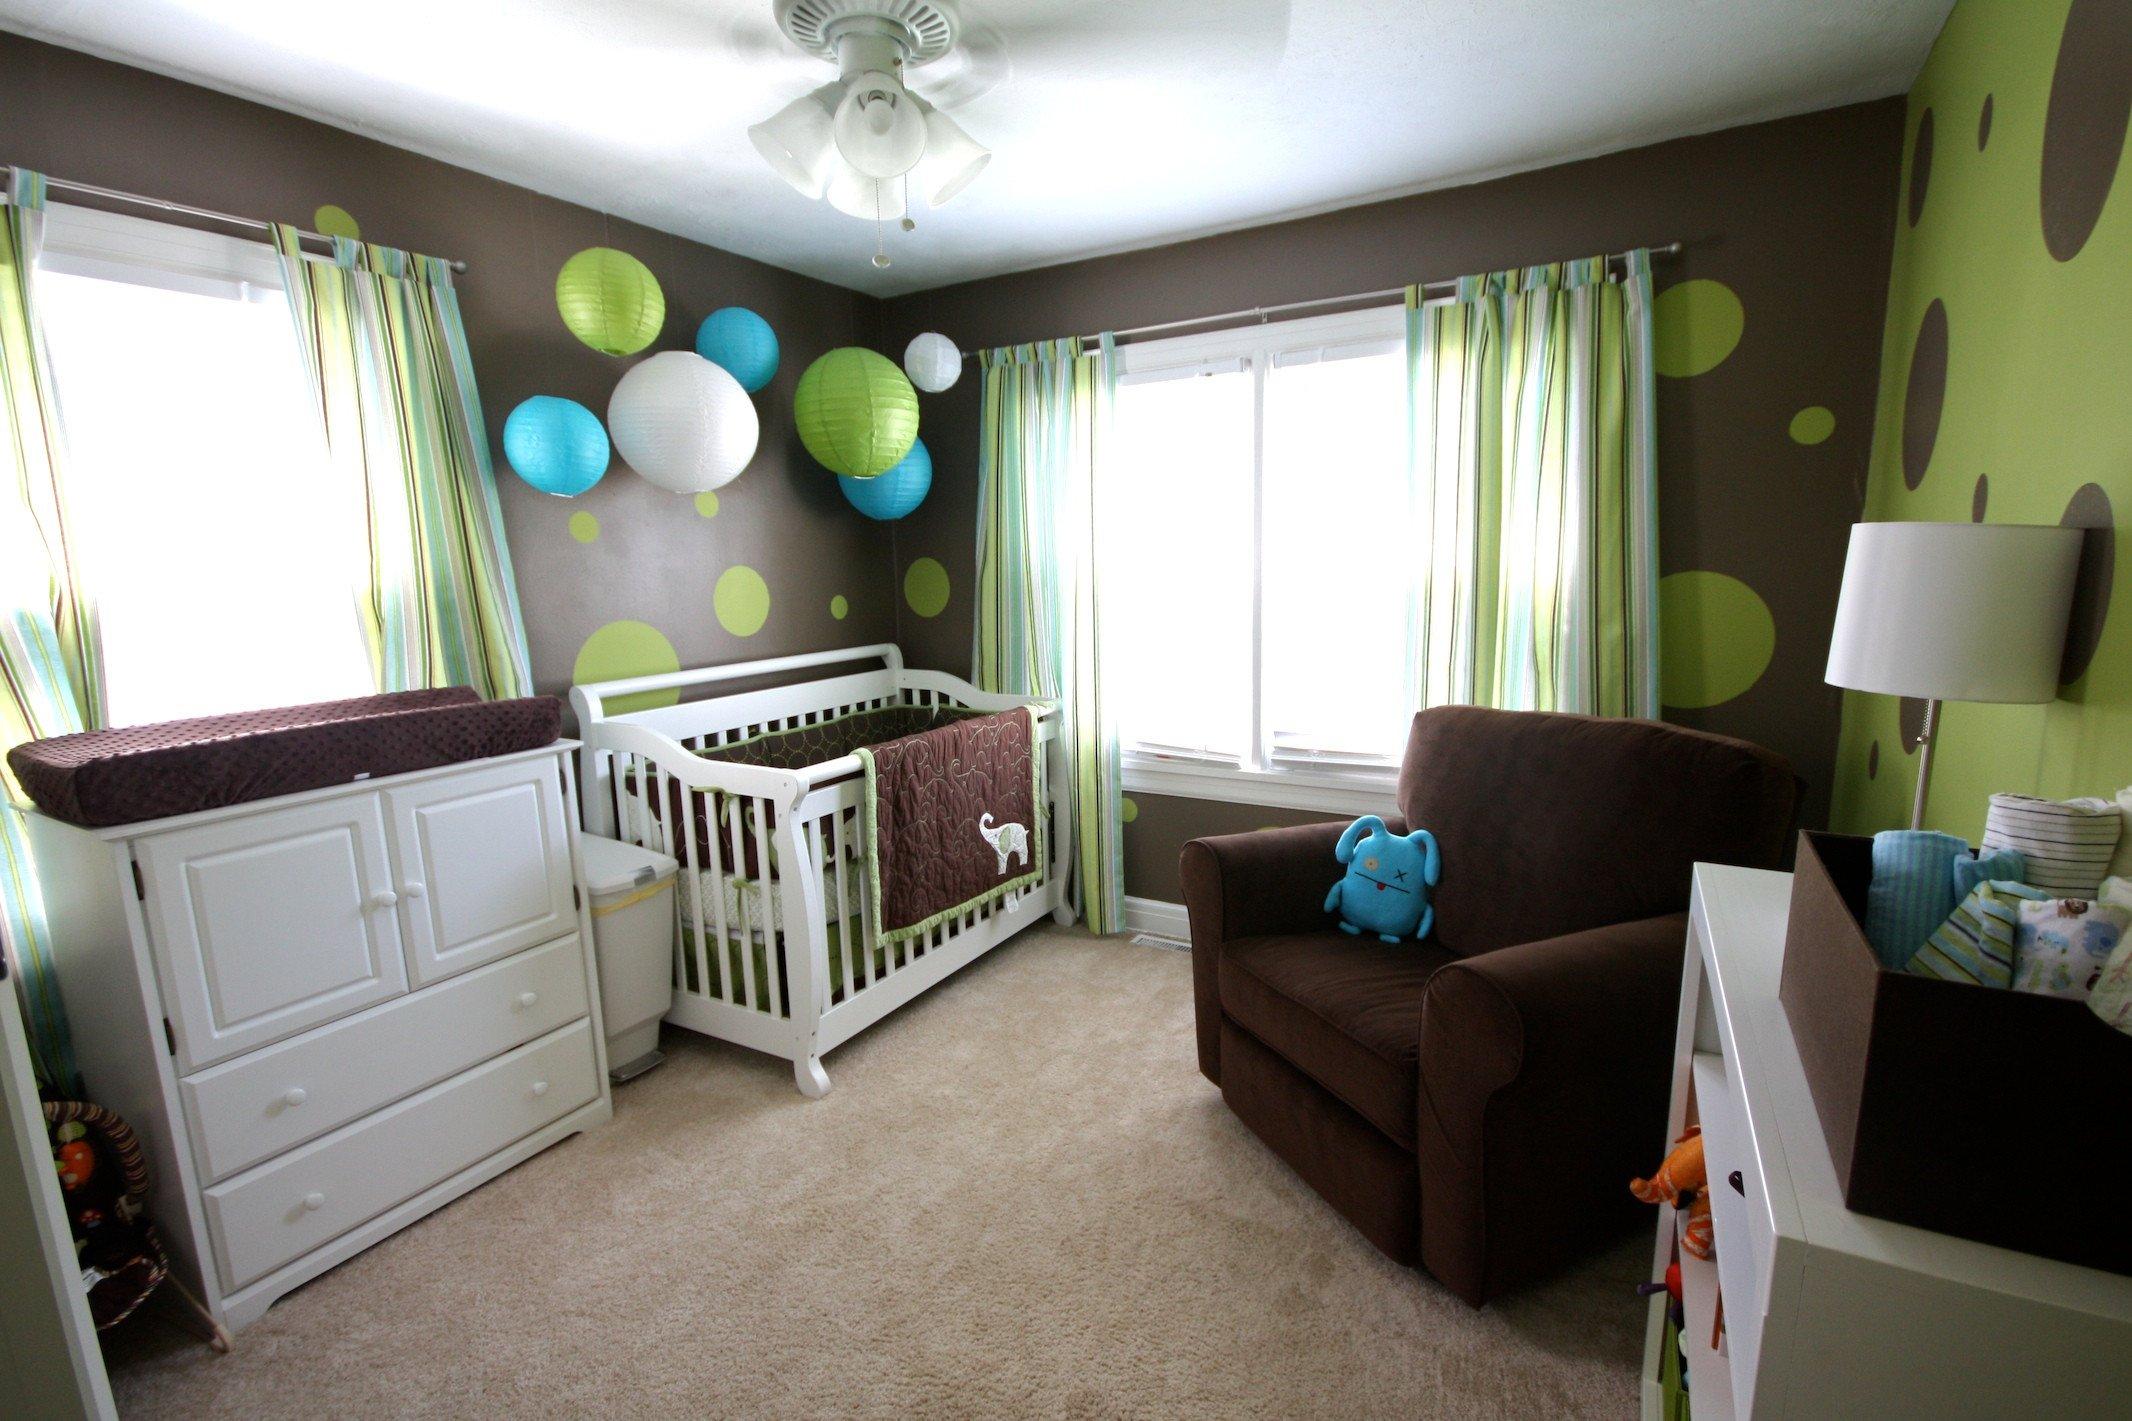 Room Decor Ideas for Boys Inspirational Boys Room Designs Ideas & Inspiration